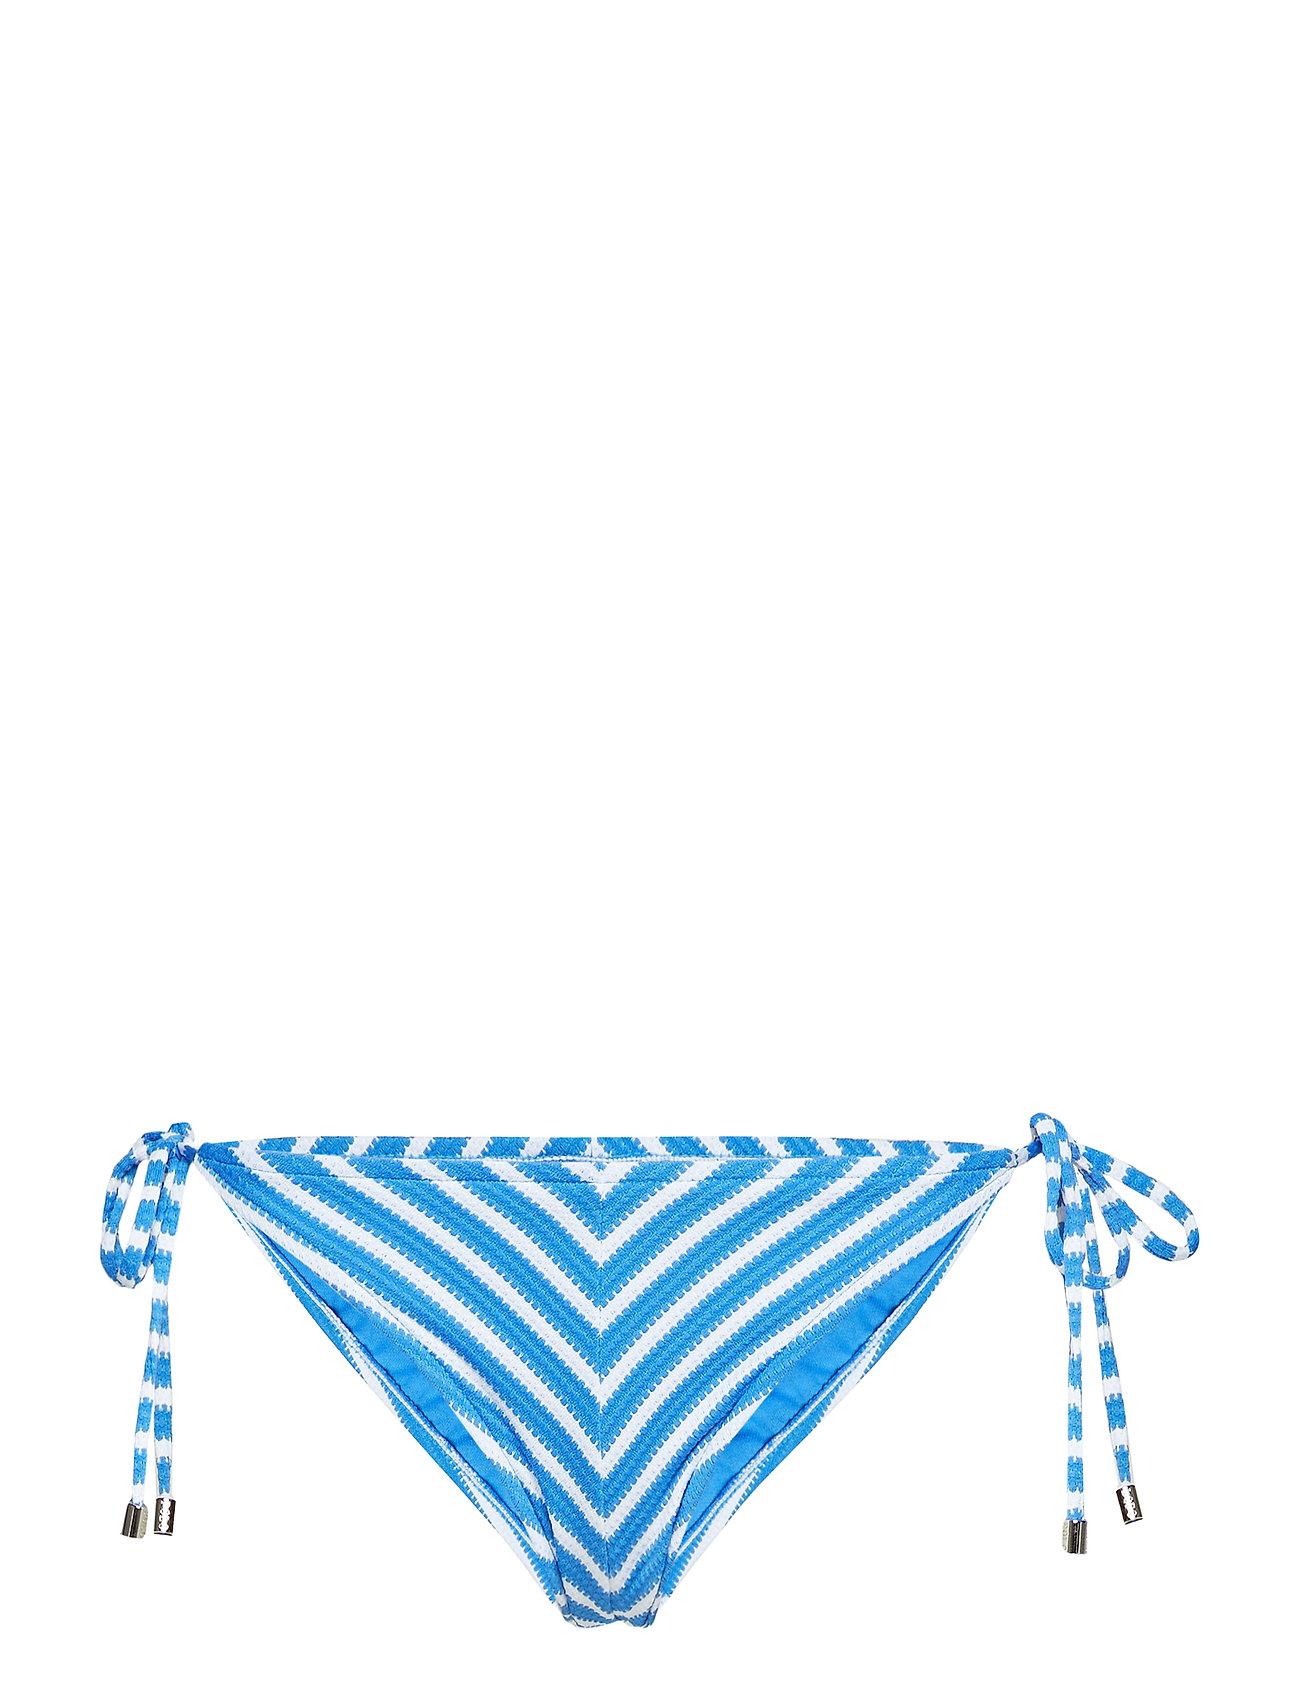 Polo Ralph Lauren Swimwear Pique Stripe Ricky Tie Hipster Badkläder